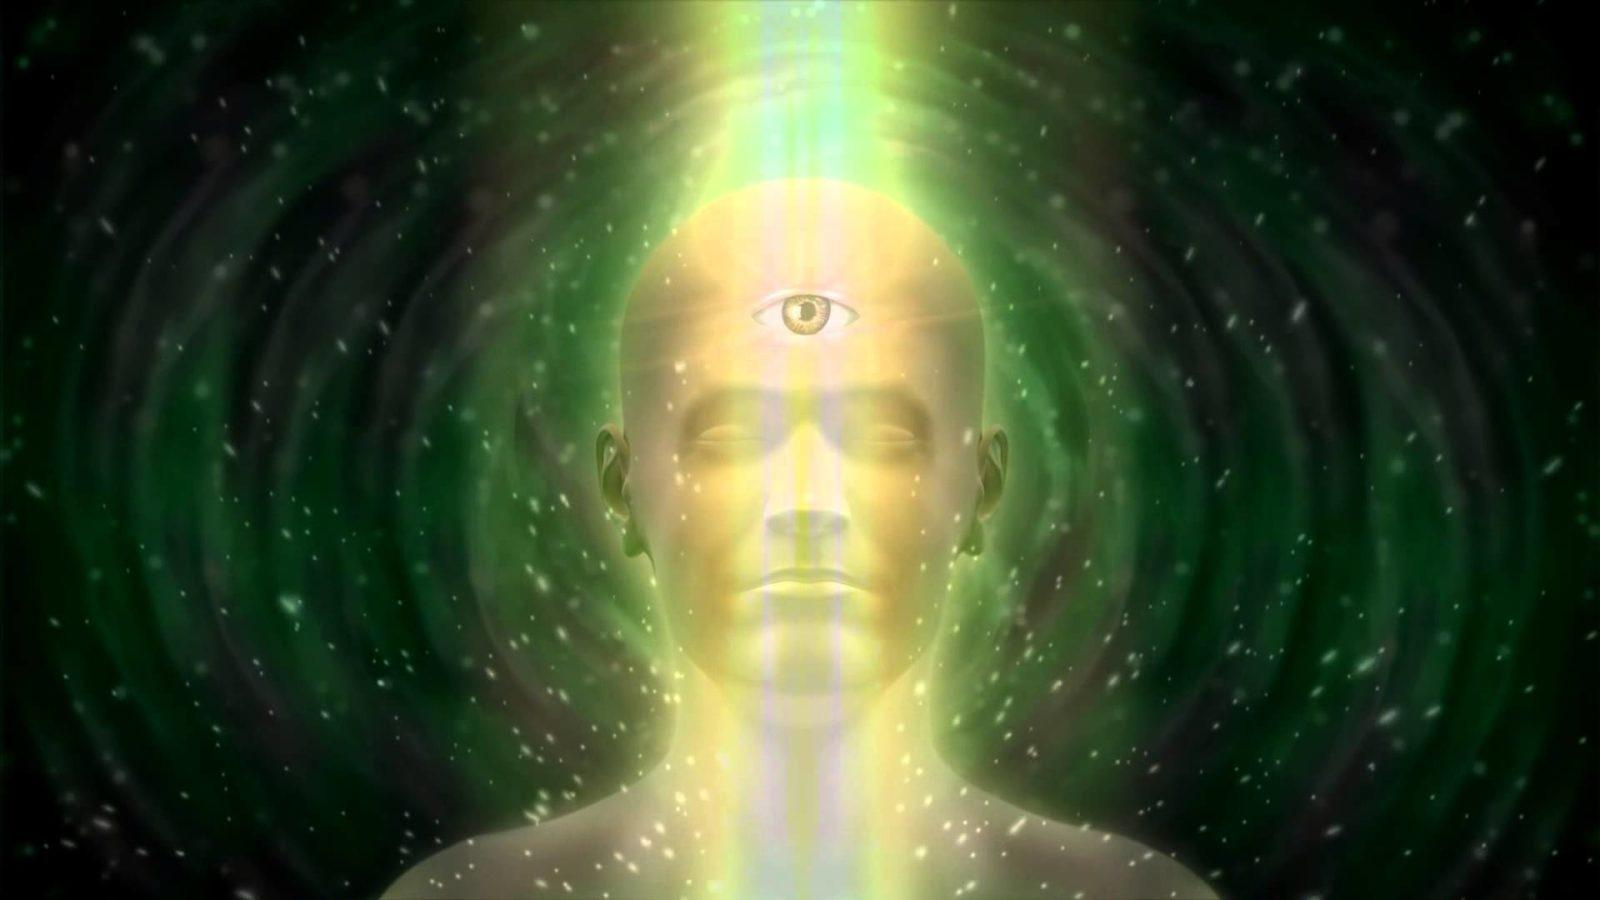 Открытие третьего глаза. Как и зачем открыть третий глаз.